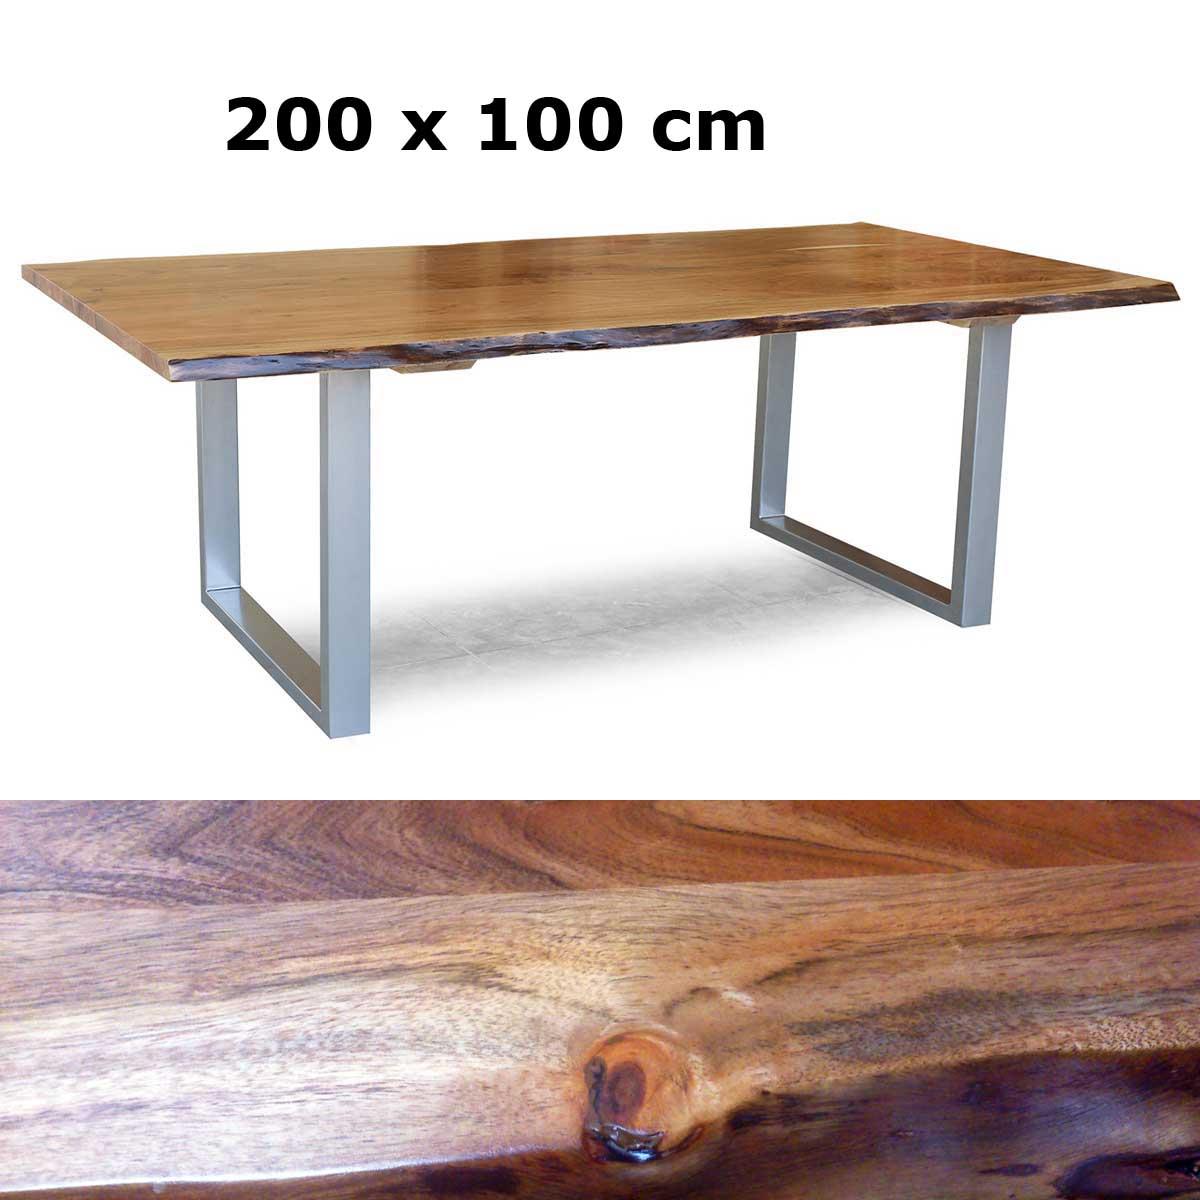 massivholz tisch kerala esstisch akazie sichtbare baumkante gestell alufarbig ebay. Black Bedroom Furniture Sets. Home Design Ideas